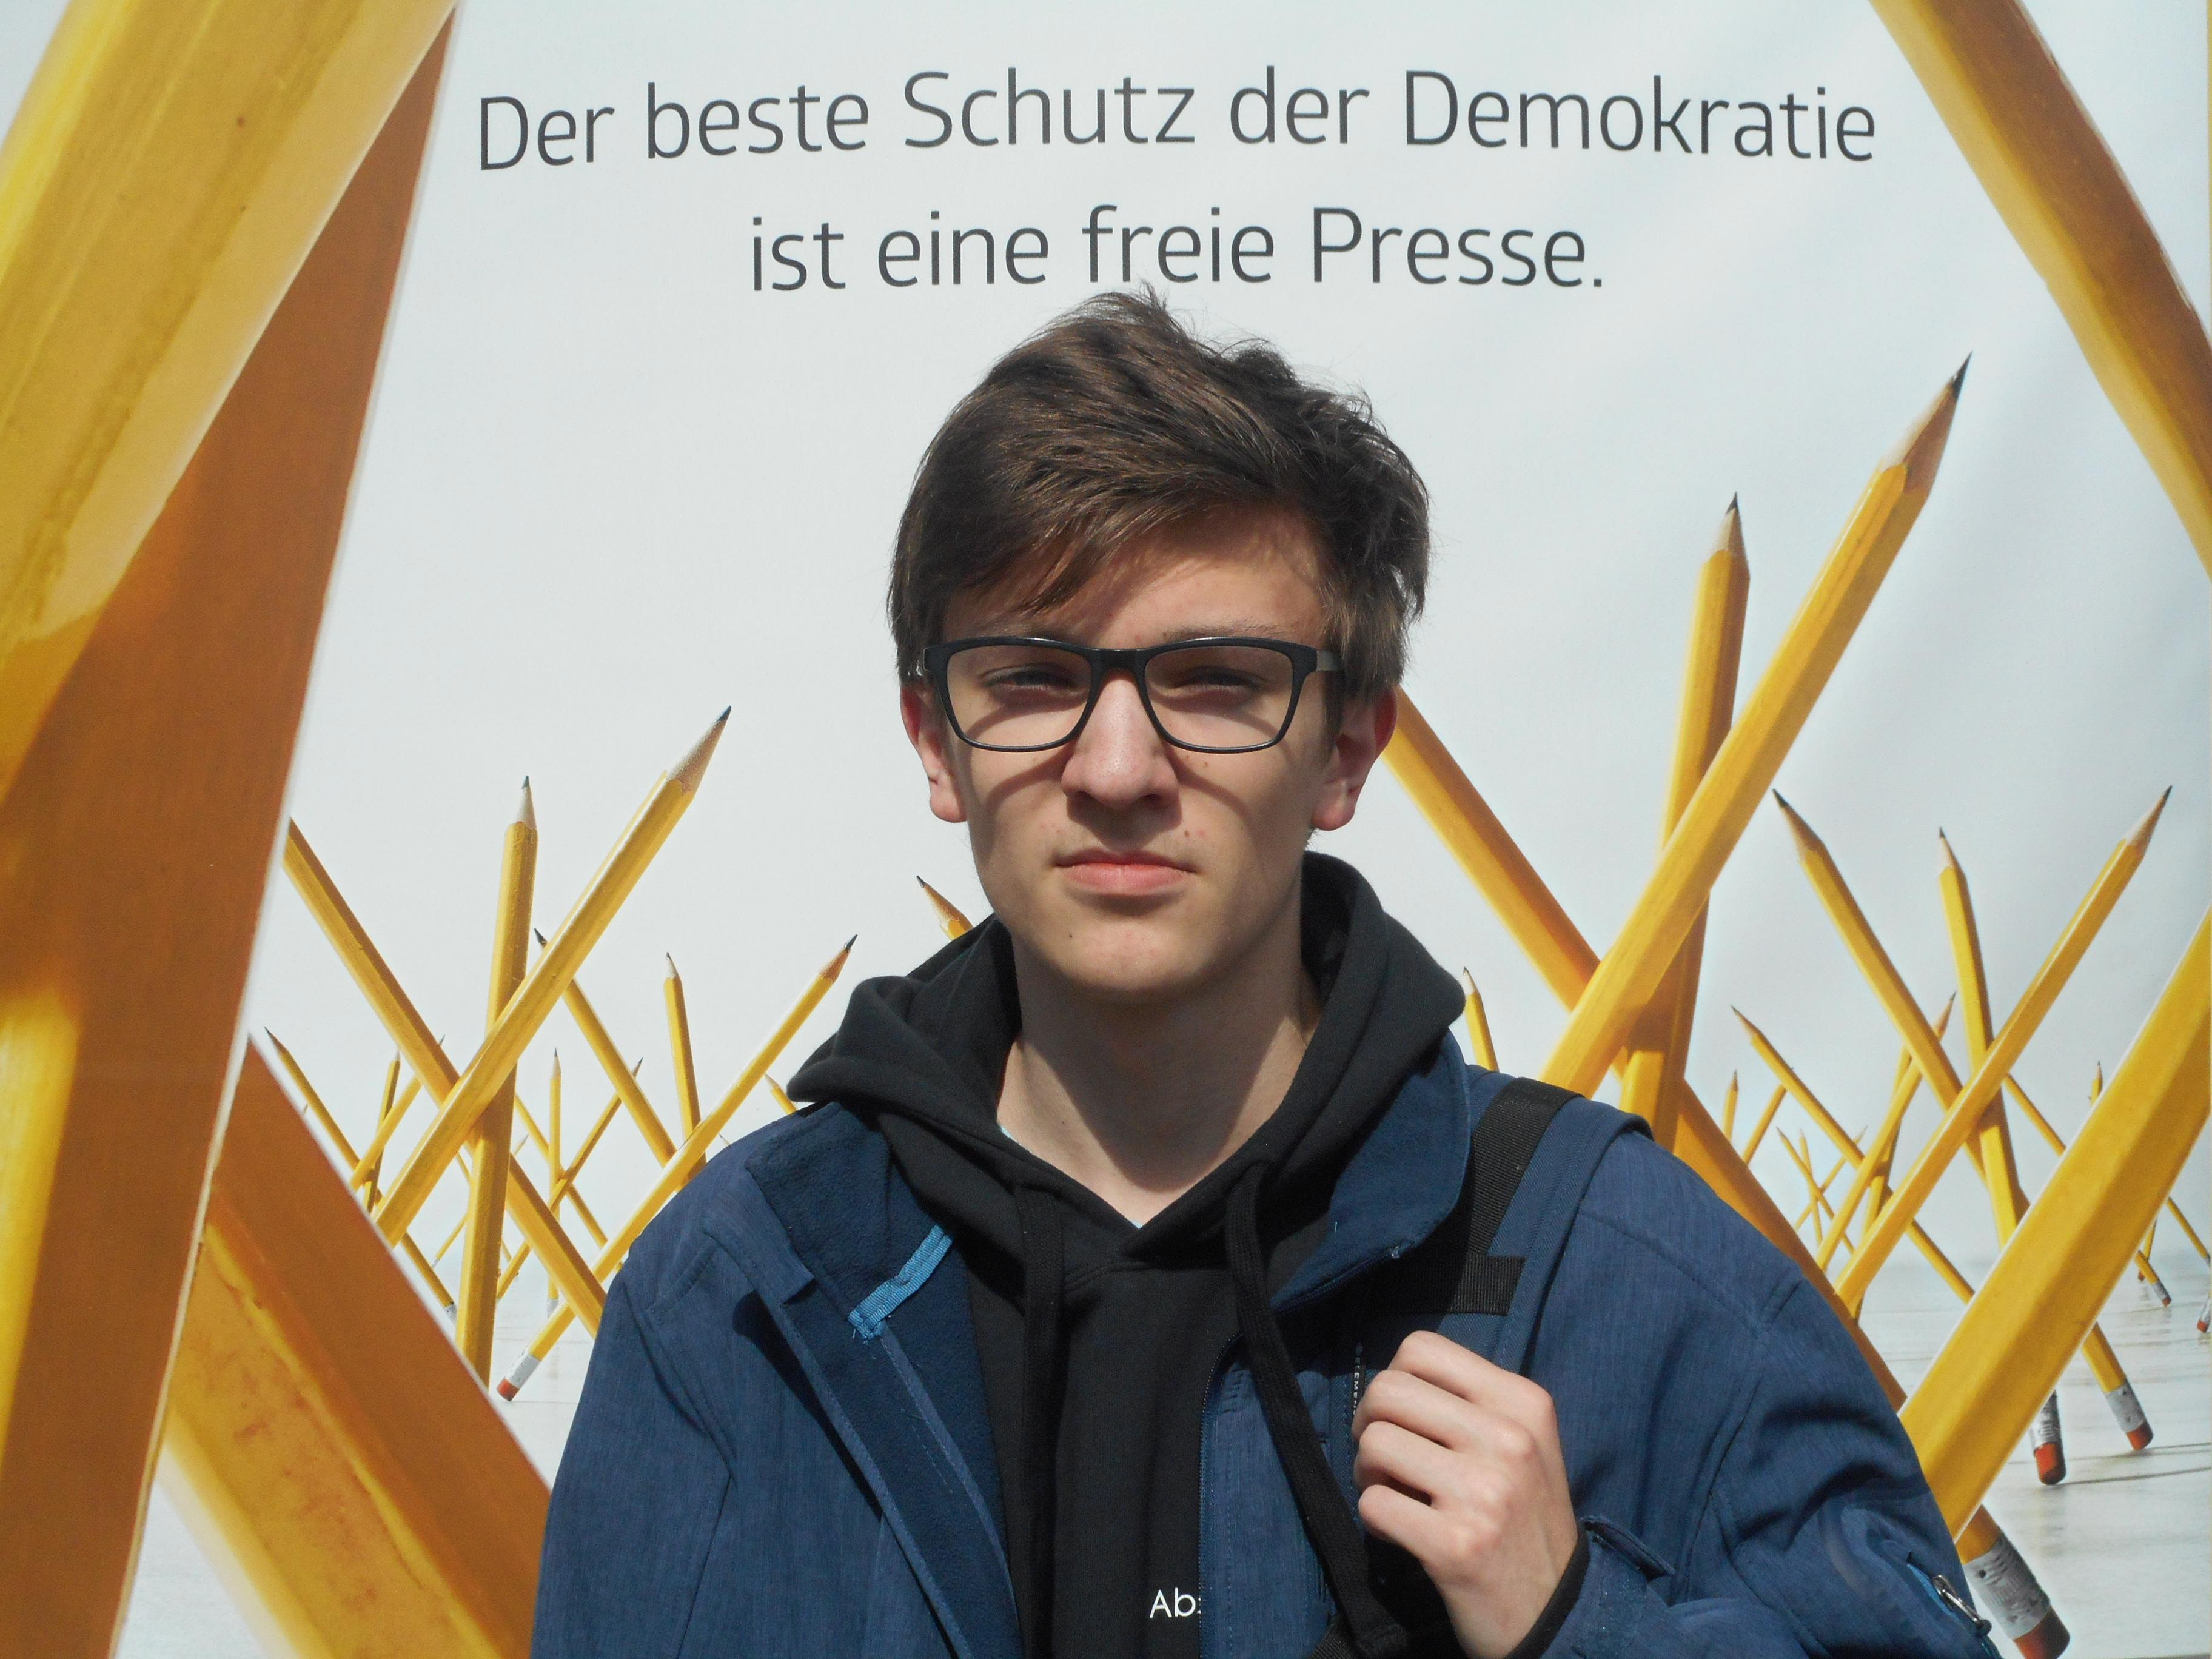 """""""…es nicht wieder dazu kommen soll, dass Meinungen von Personen unterdrückt werden, wie es z.B. zu Zeiten des Nationalsozialismus der Fall war."""" – Kay-Luca Müller (16), Tourist in Berlin"""